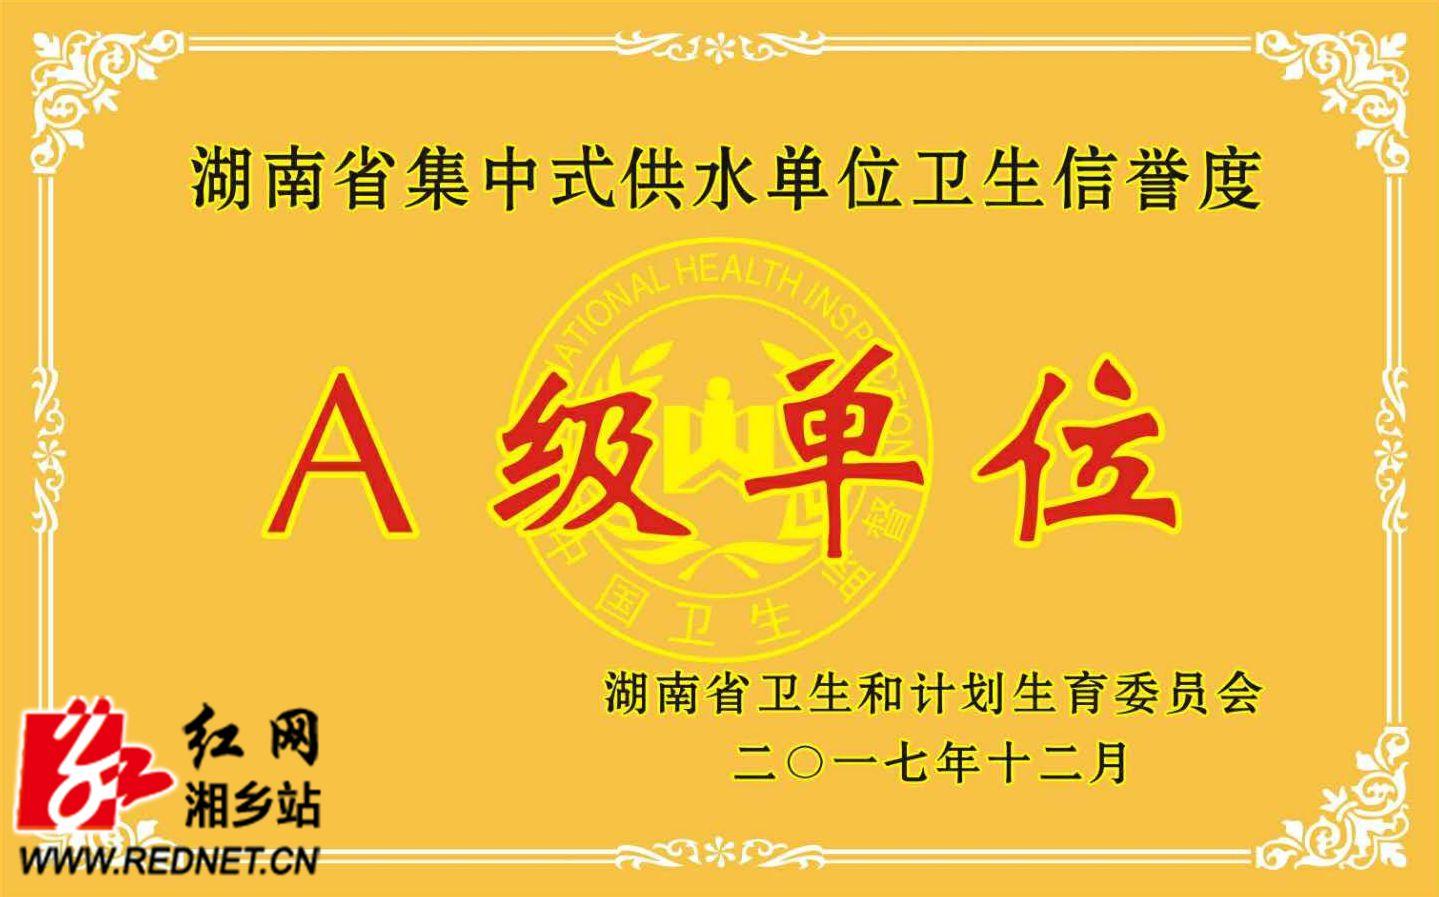 """城管局:供水处被评为""""湖南省集中式供水卫生信誉度A级单位"""""""